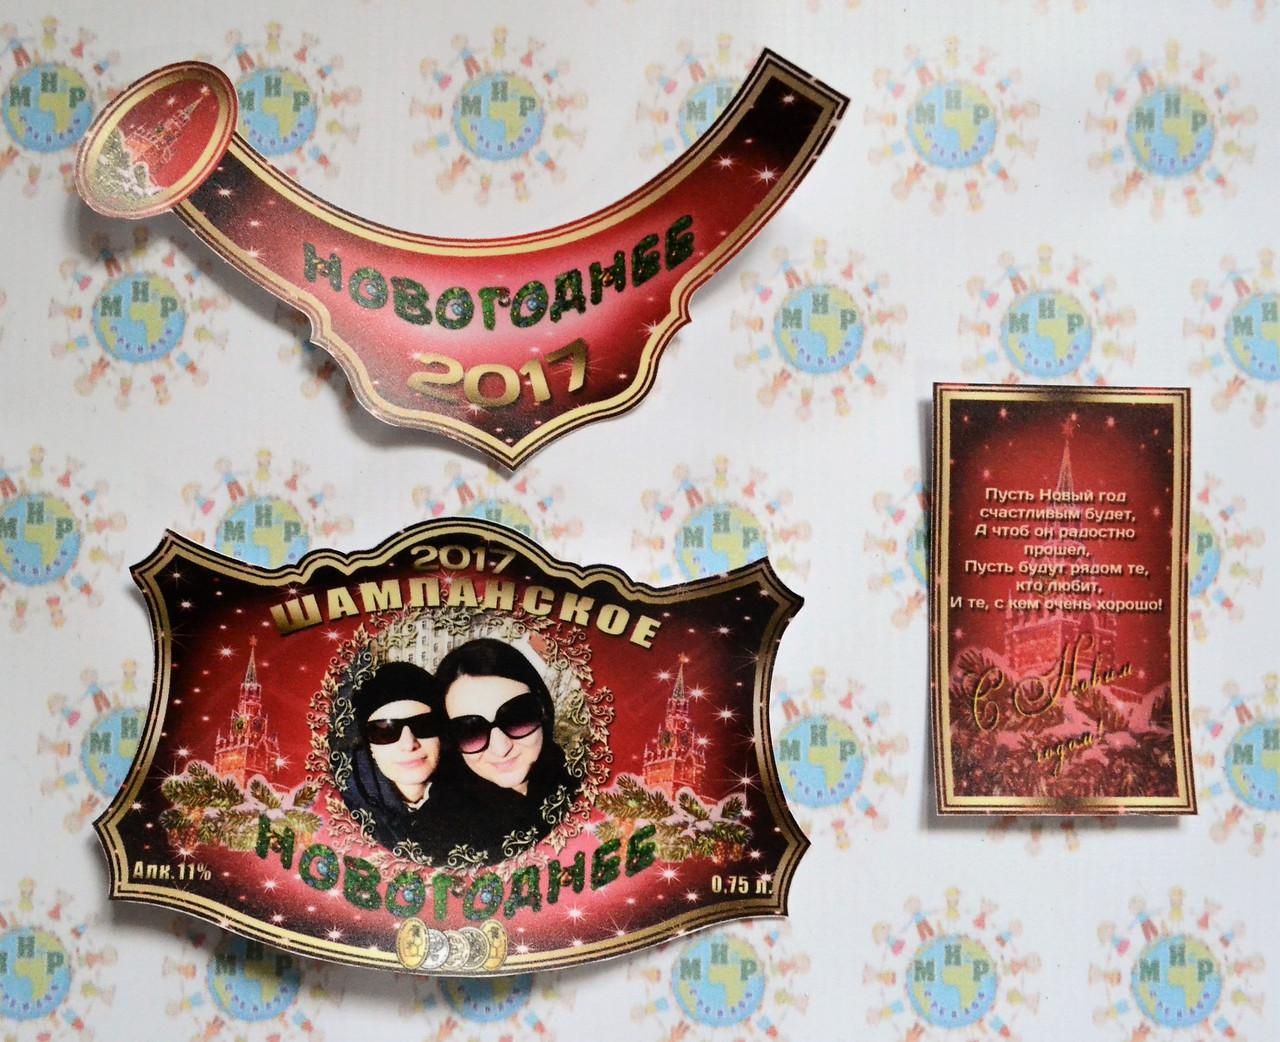 Этикетки - Наклейки на бутылку шампанского Новогодние с вашей фотографией Красный - Мир стендов. Значки, часы, магниты, детские товары и сувениры в Киеве